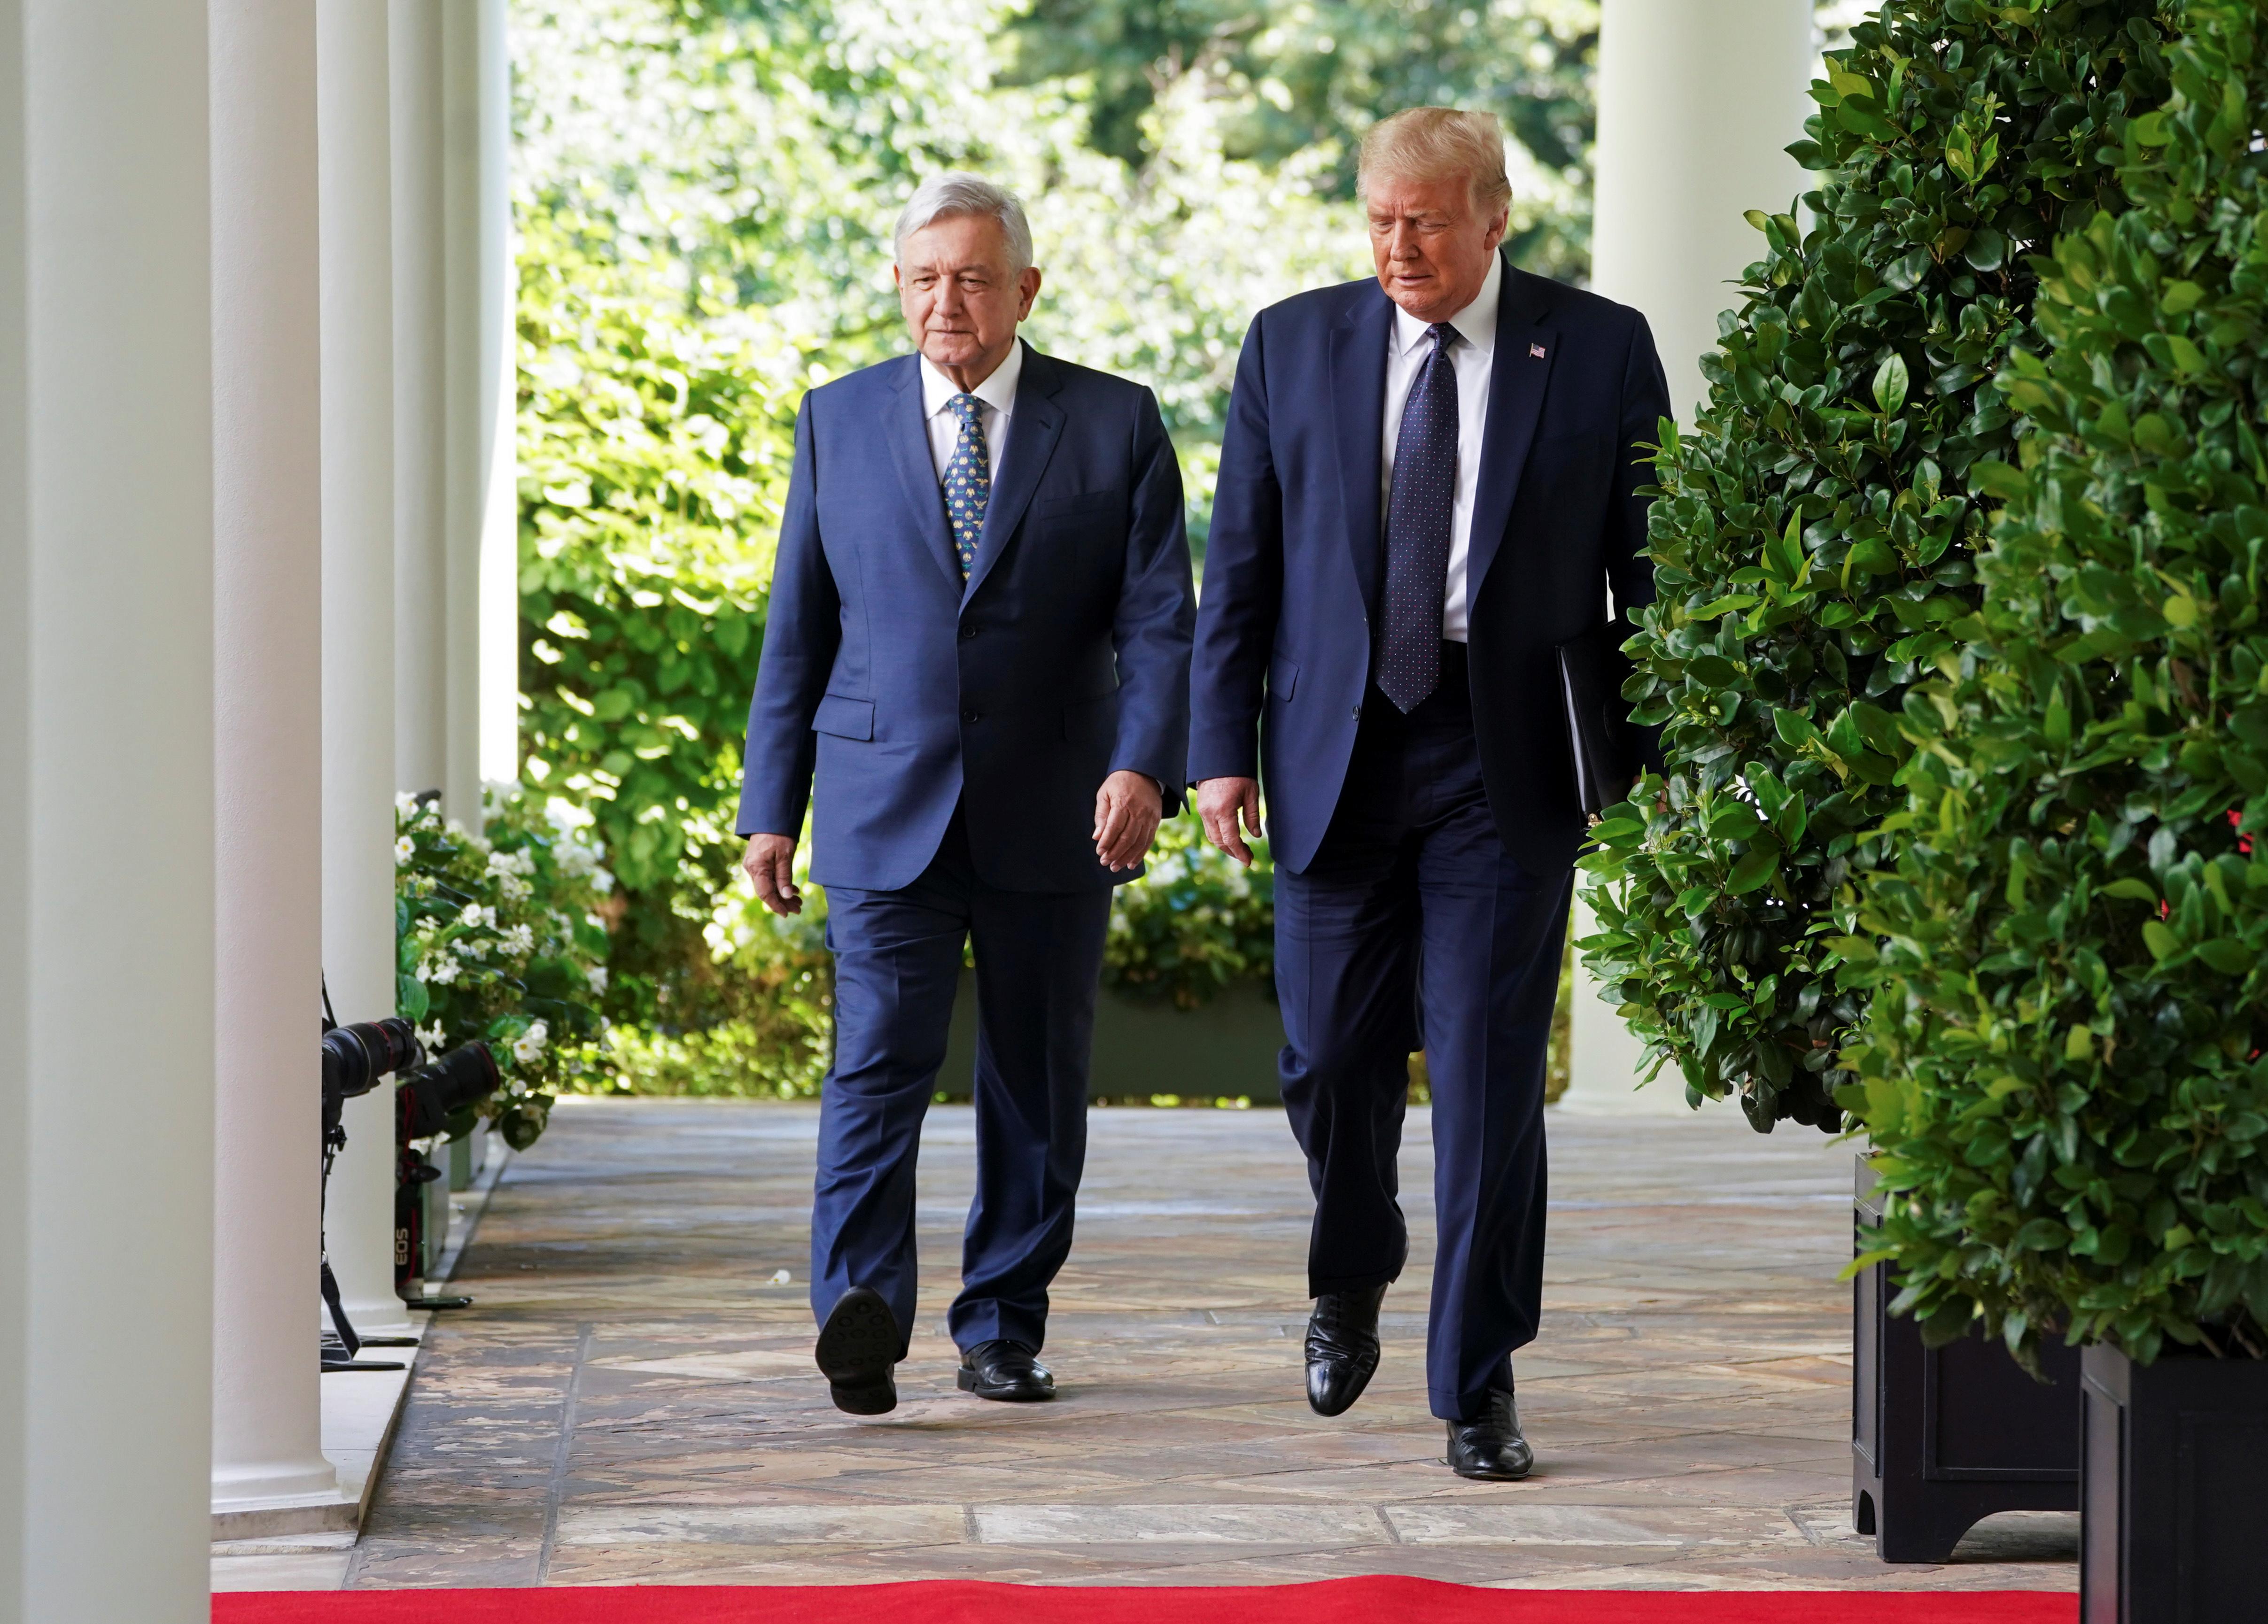 El presidente de los Estados Unidos, Donald Trump, conduce al presidente de México, Andrés Manuel López Obrador, por el ala oeste al Jardín de las Rosas en la Casa Blanca en Washington, EE. UU., 8 de julio de 2020. (Foto: REUTERS / Kevin Lamarque)